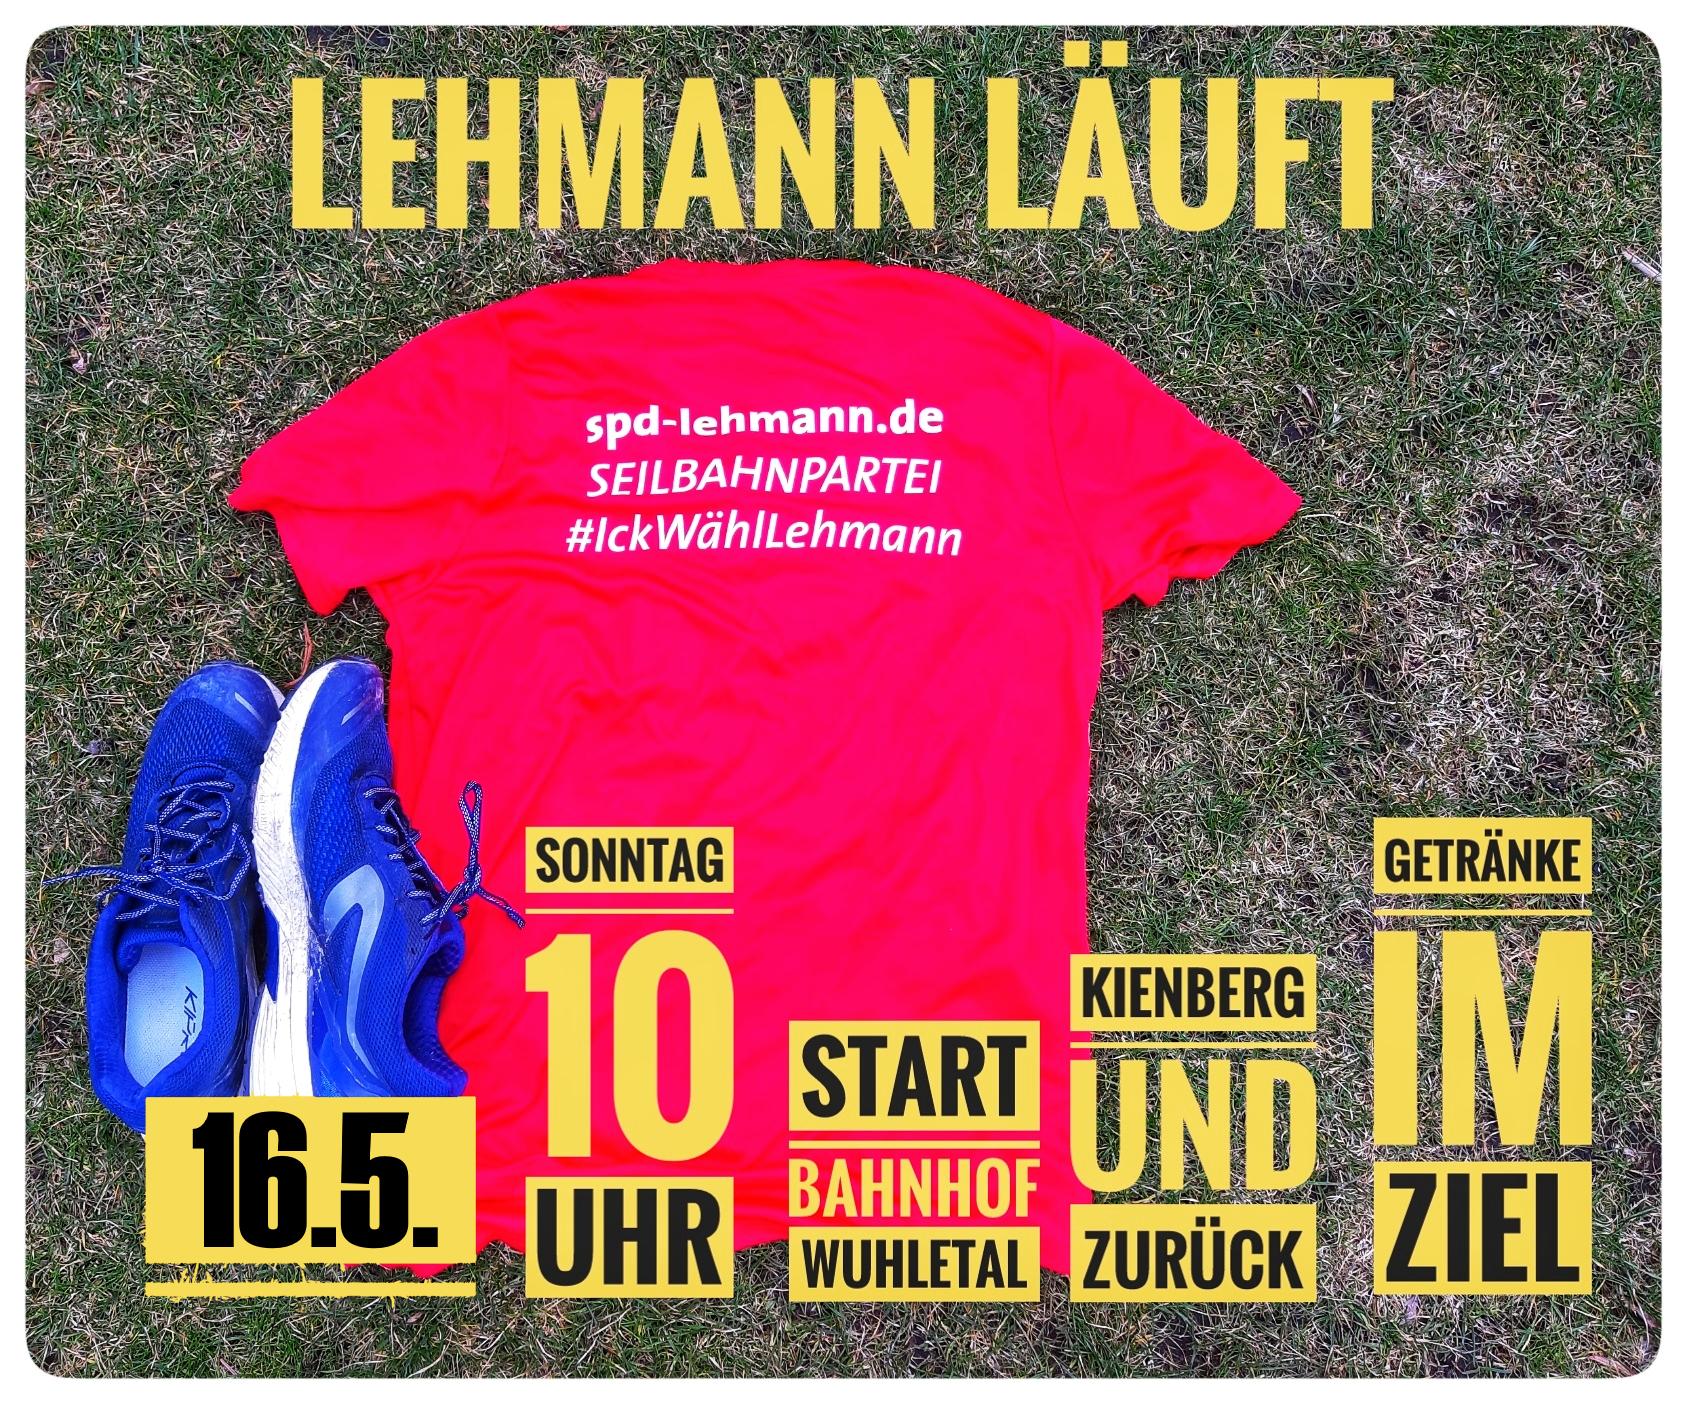 Plakat #LehmannLäuft